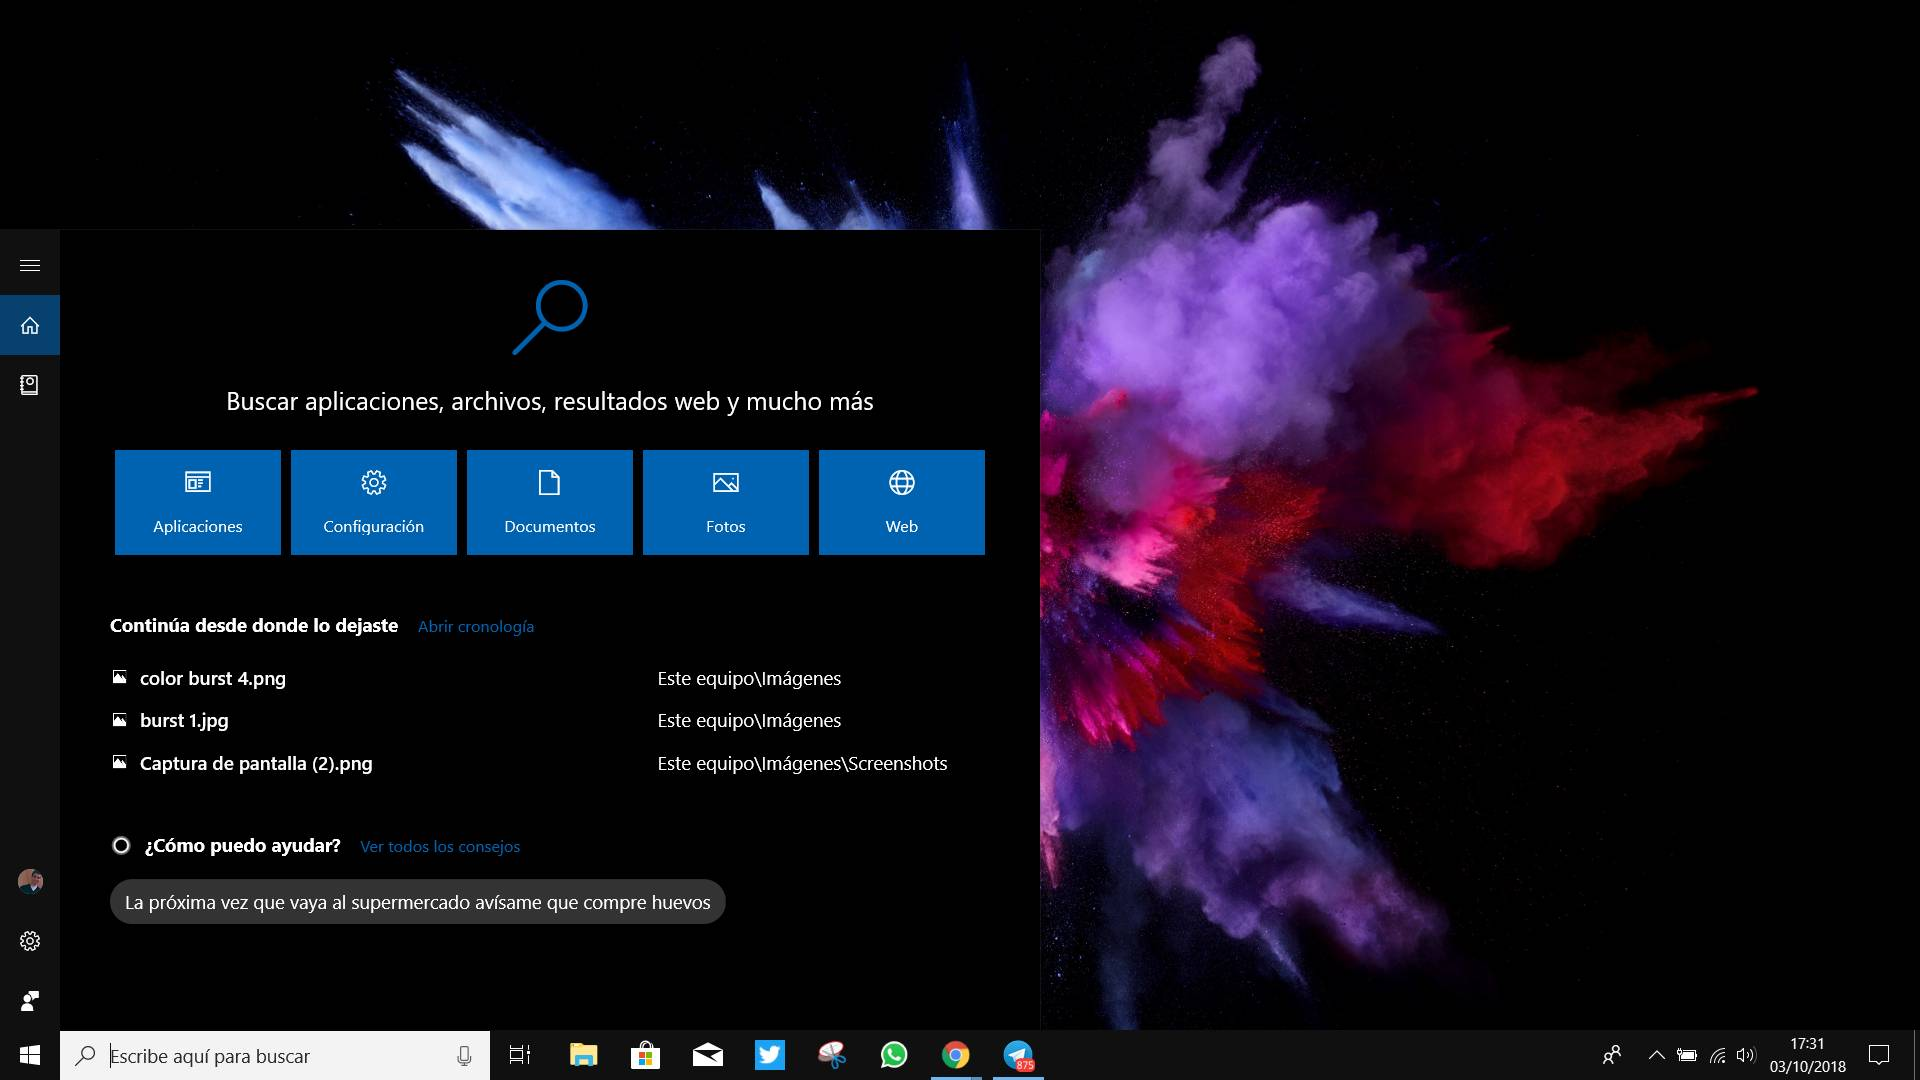 Cortana en Windows 10 October 2018 Update